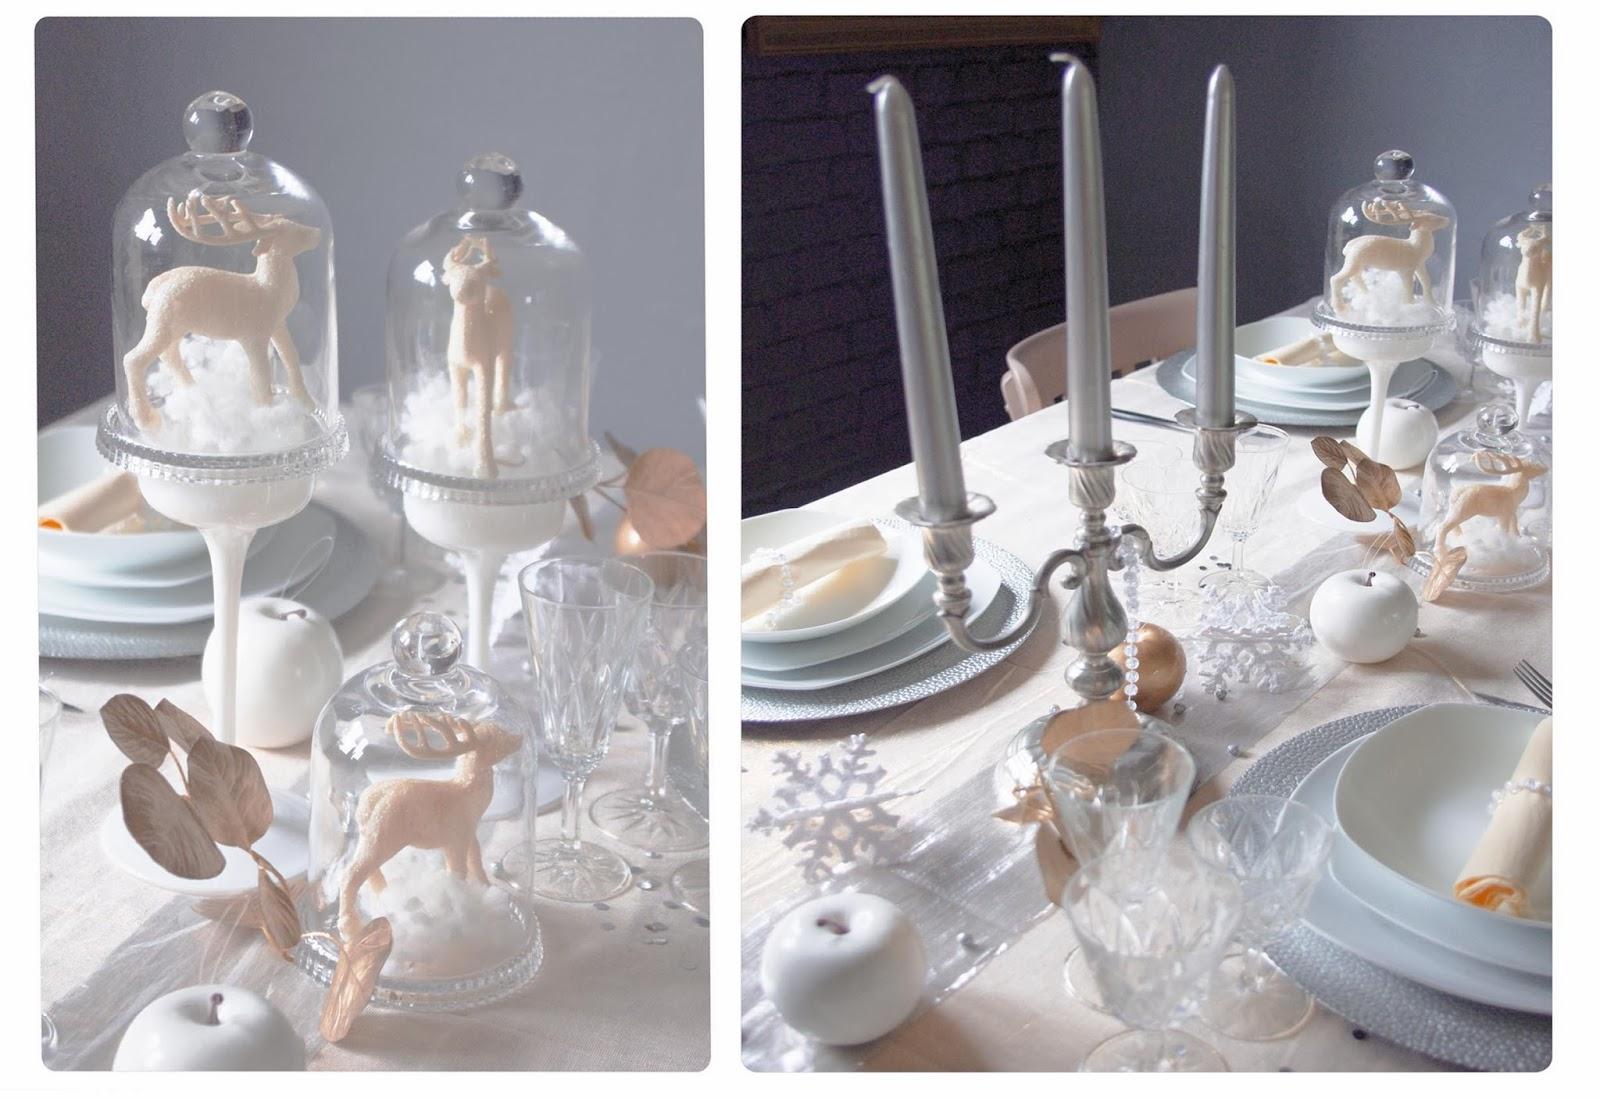 #786353 La Table De Noël Petit Retour En Image. Chez Cette Fille 6155 decoration de table de noel 2014 1600x1098 px @ aertt.com